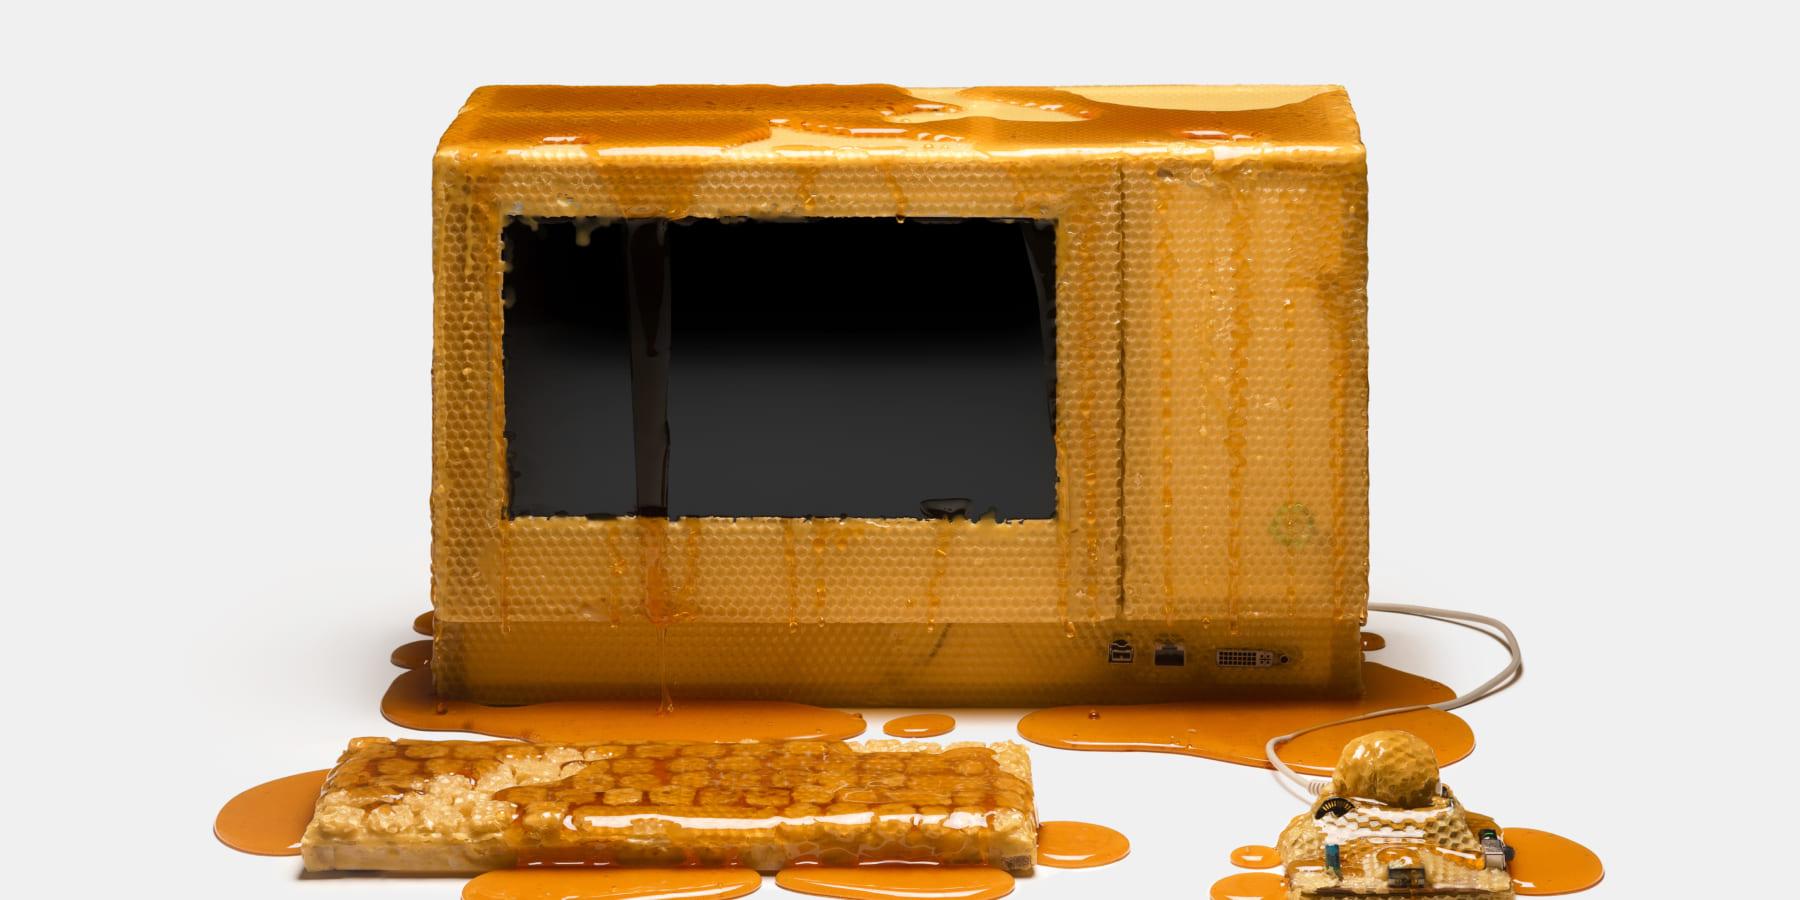 物質社会の未来を問いかける、パソコンを使ったアート作品